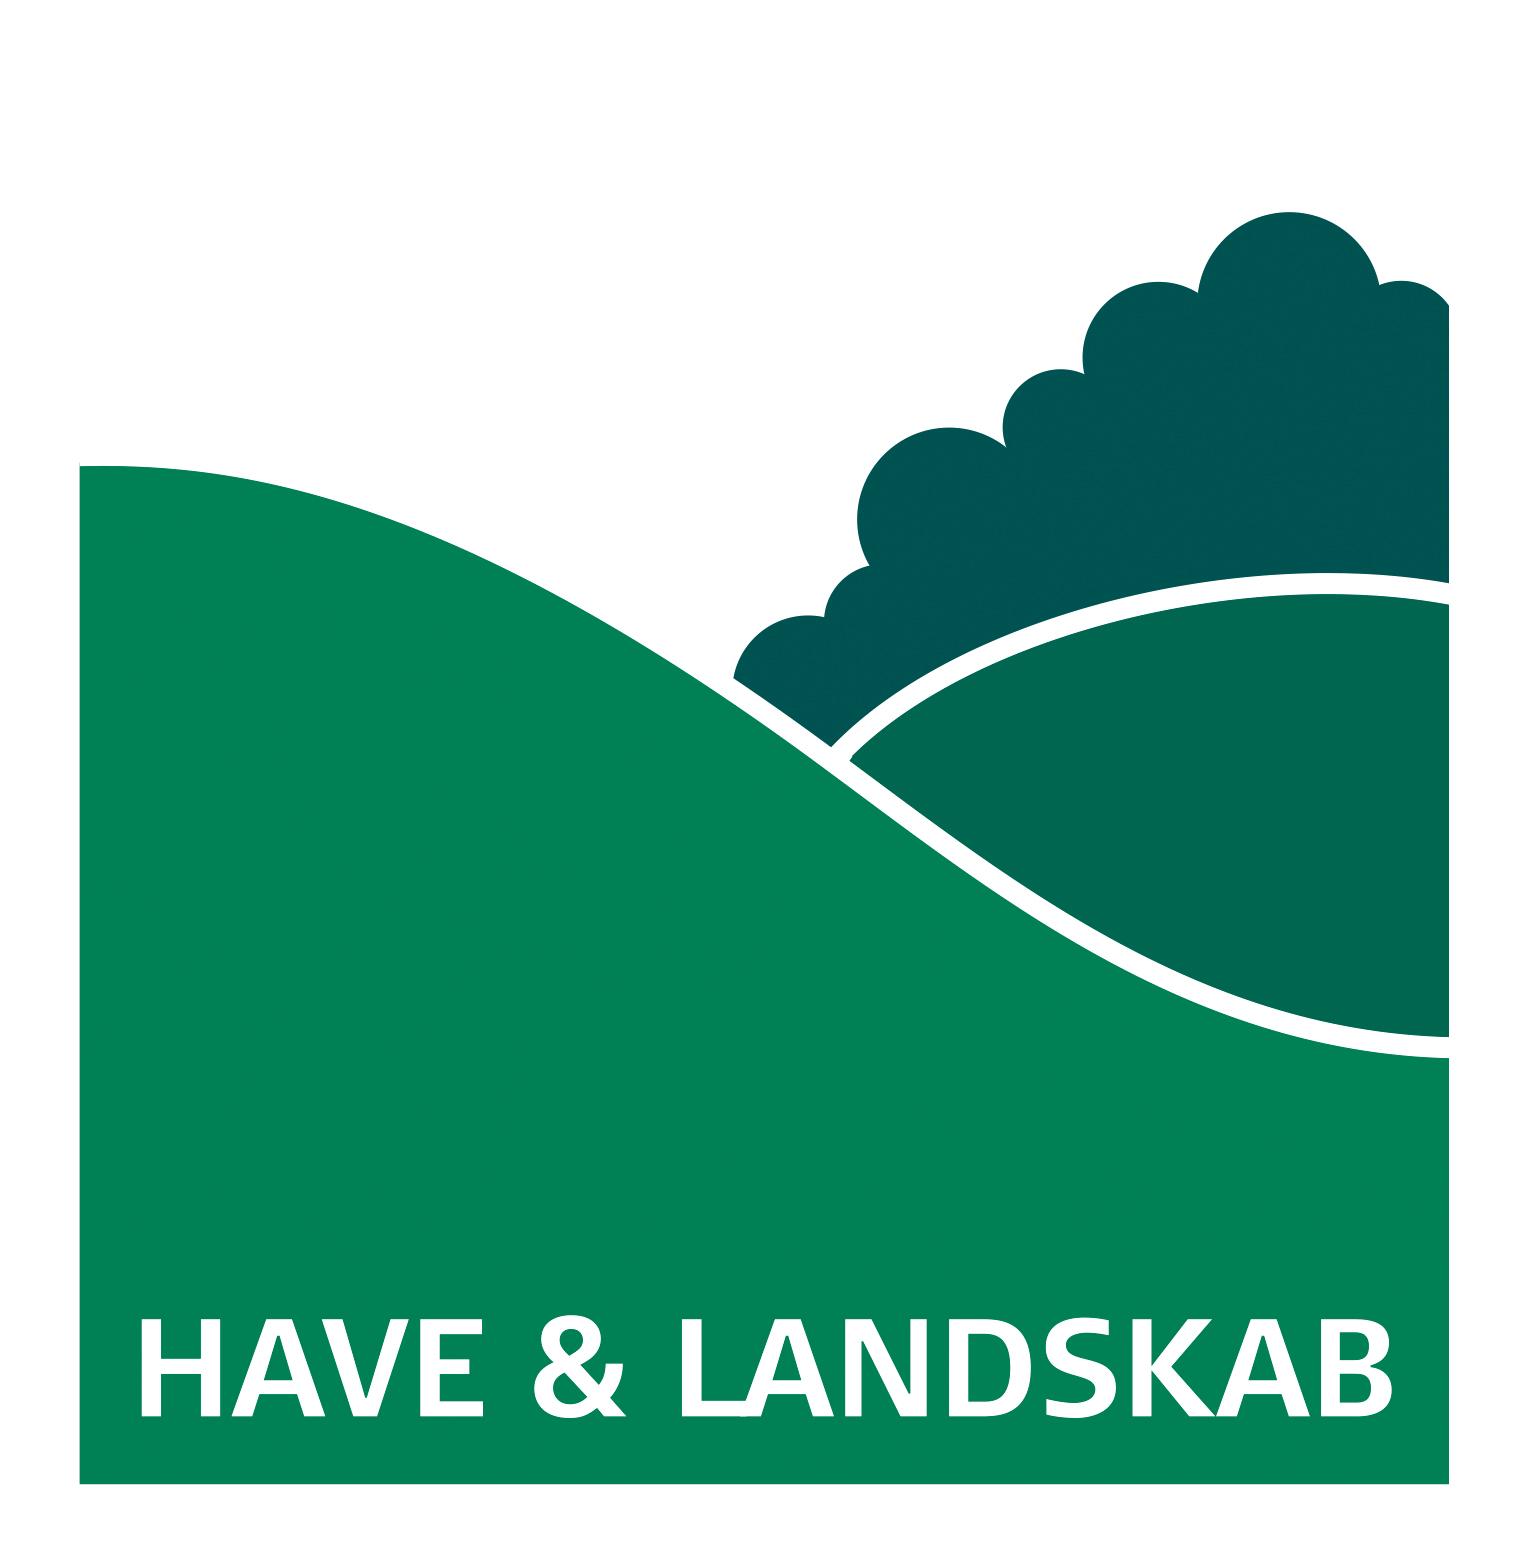 Have & Landskab 2019